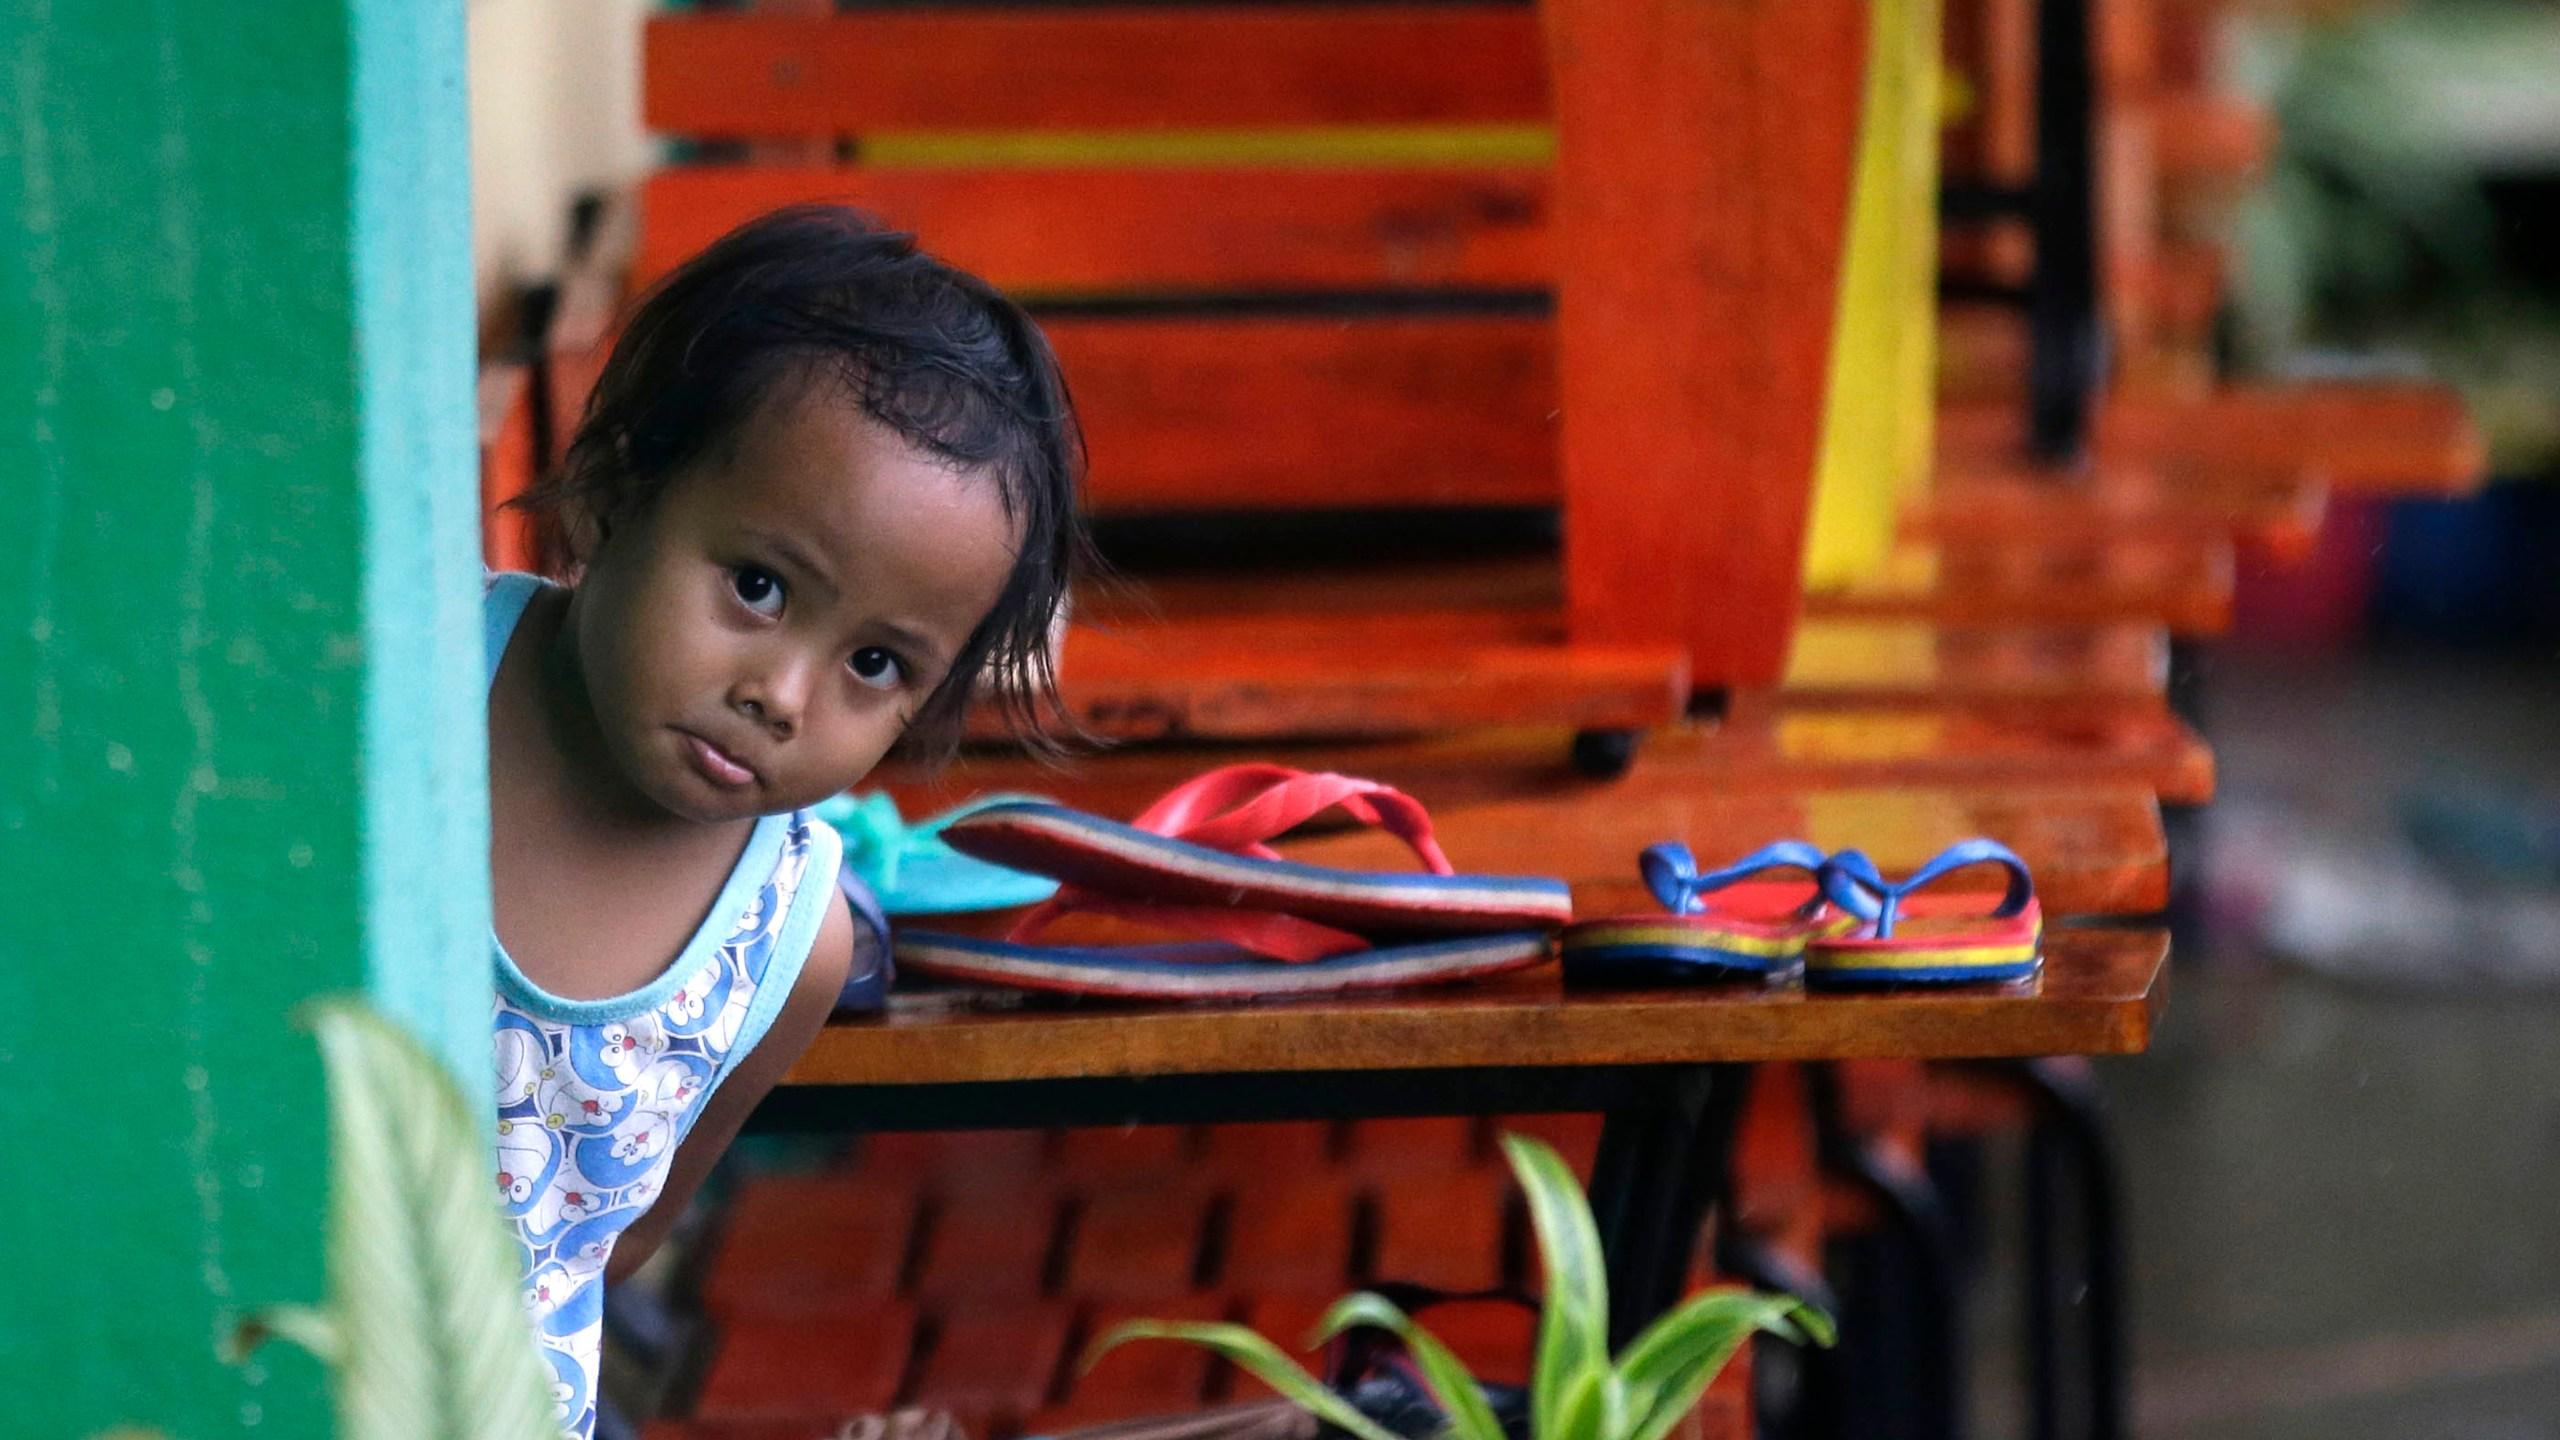 Philippines_Typhoon_89454-159532.jpg17086258